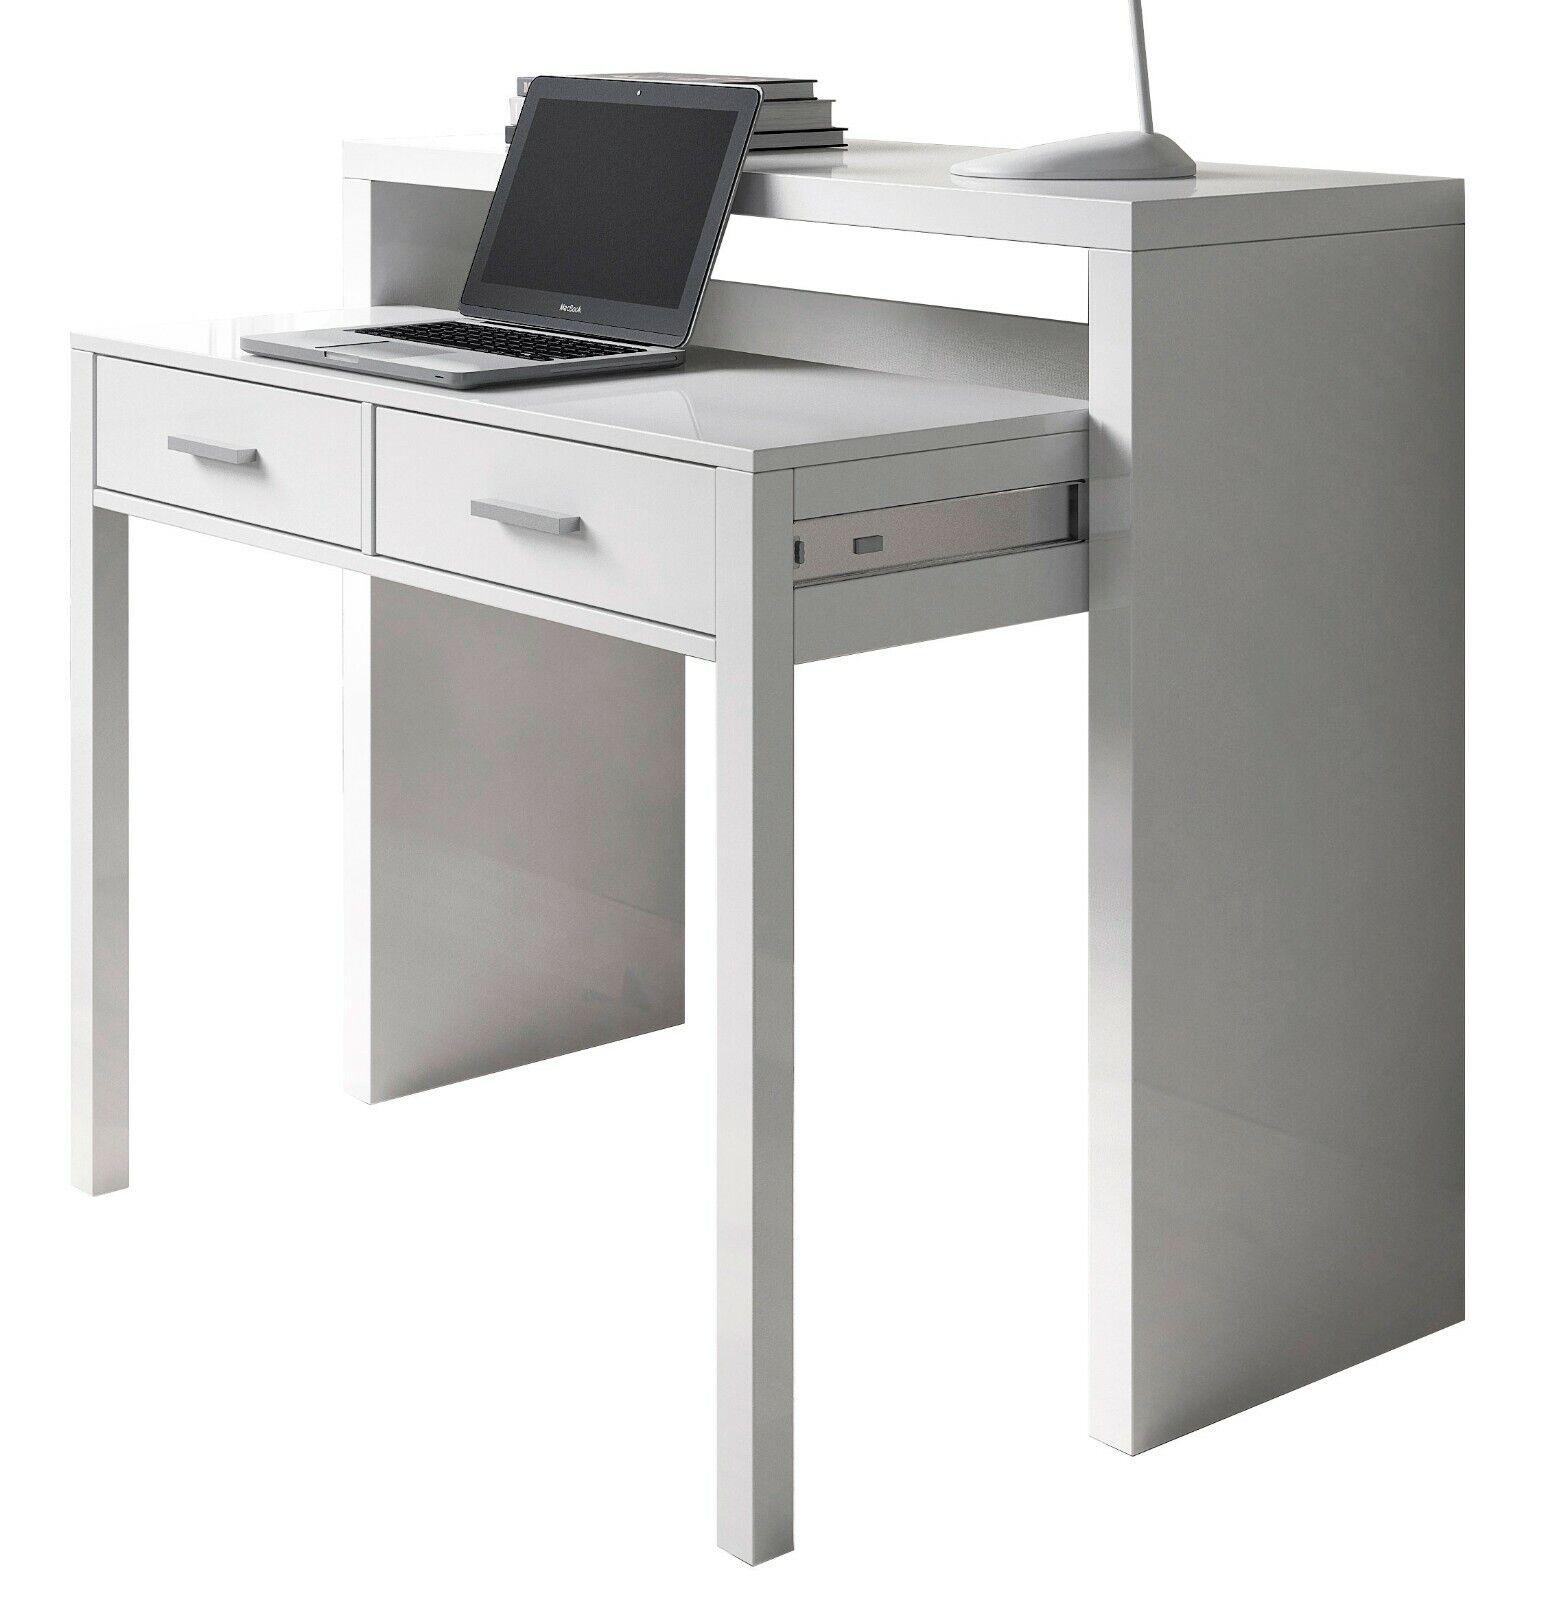 Mesa escritorio extensible tocador salon blanco 2 cajones 98x87x36-70 cm